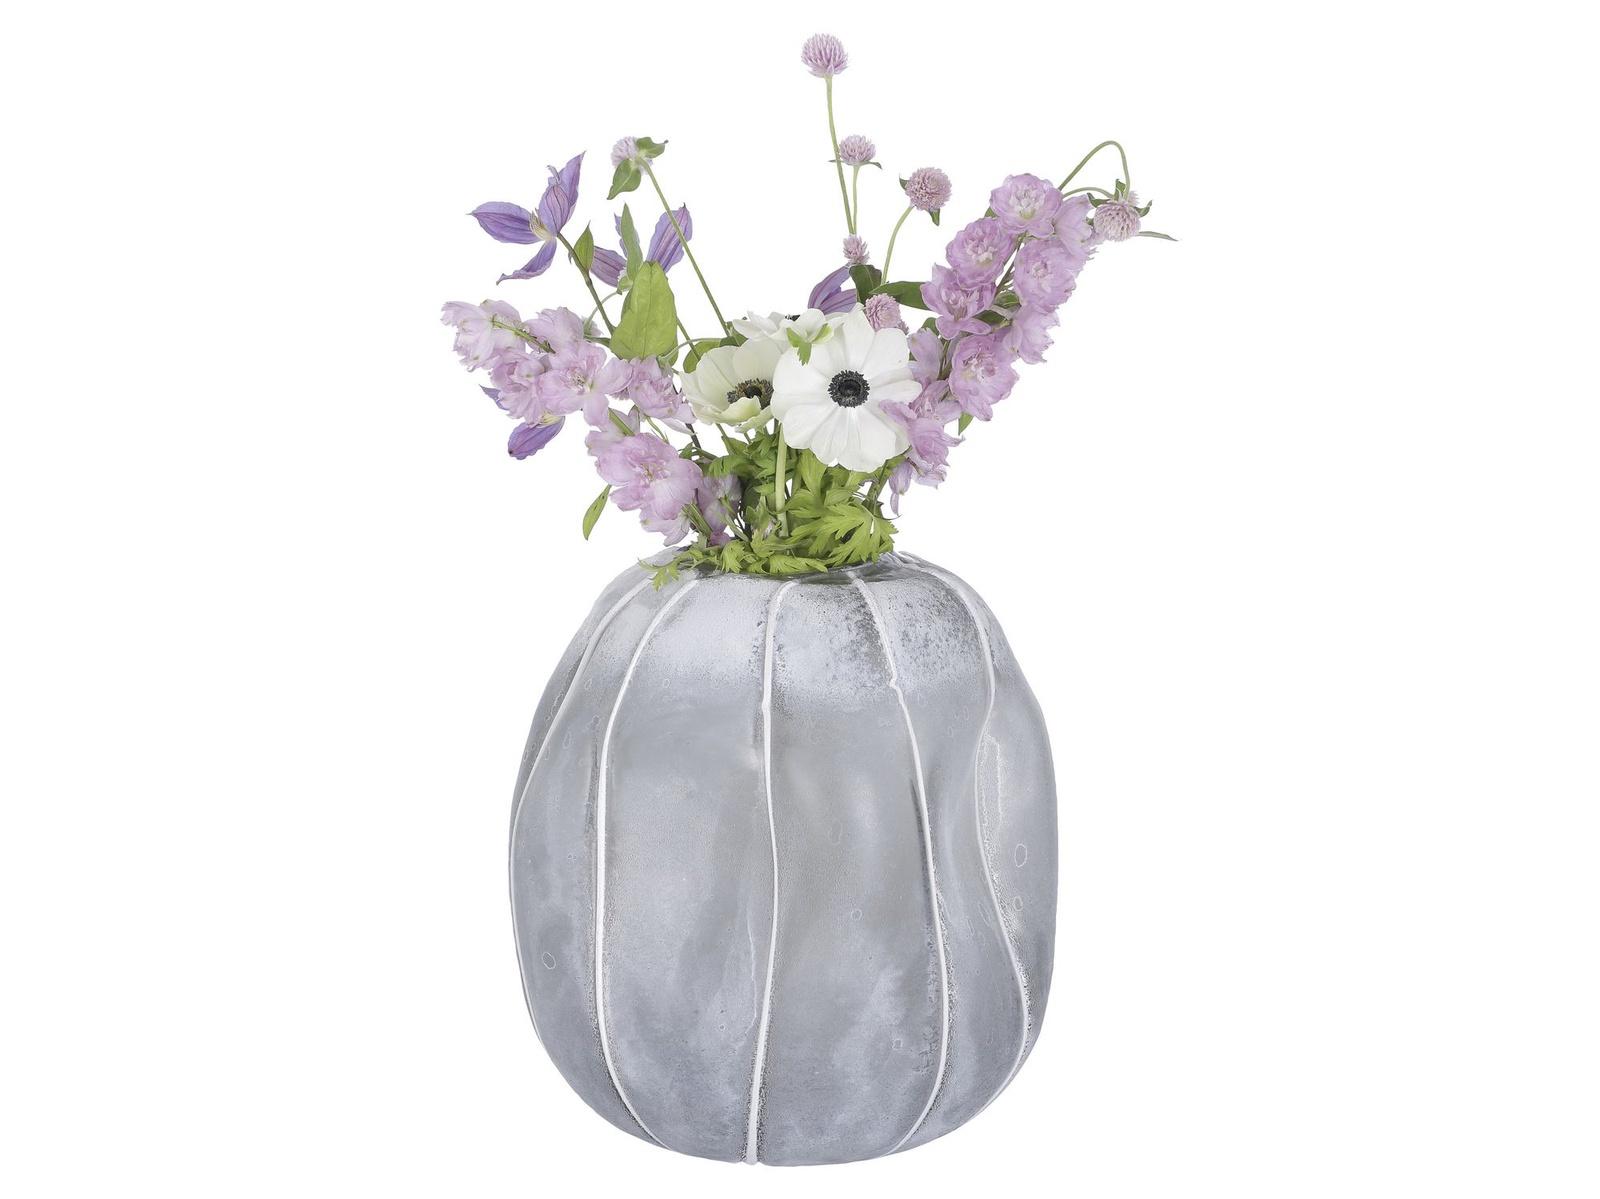 Ваза A Simple Mess Mak стеклянная, цвет: серый, высота 27 см. SM963709